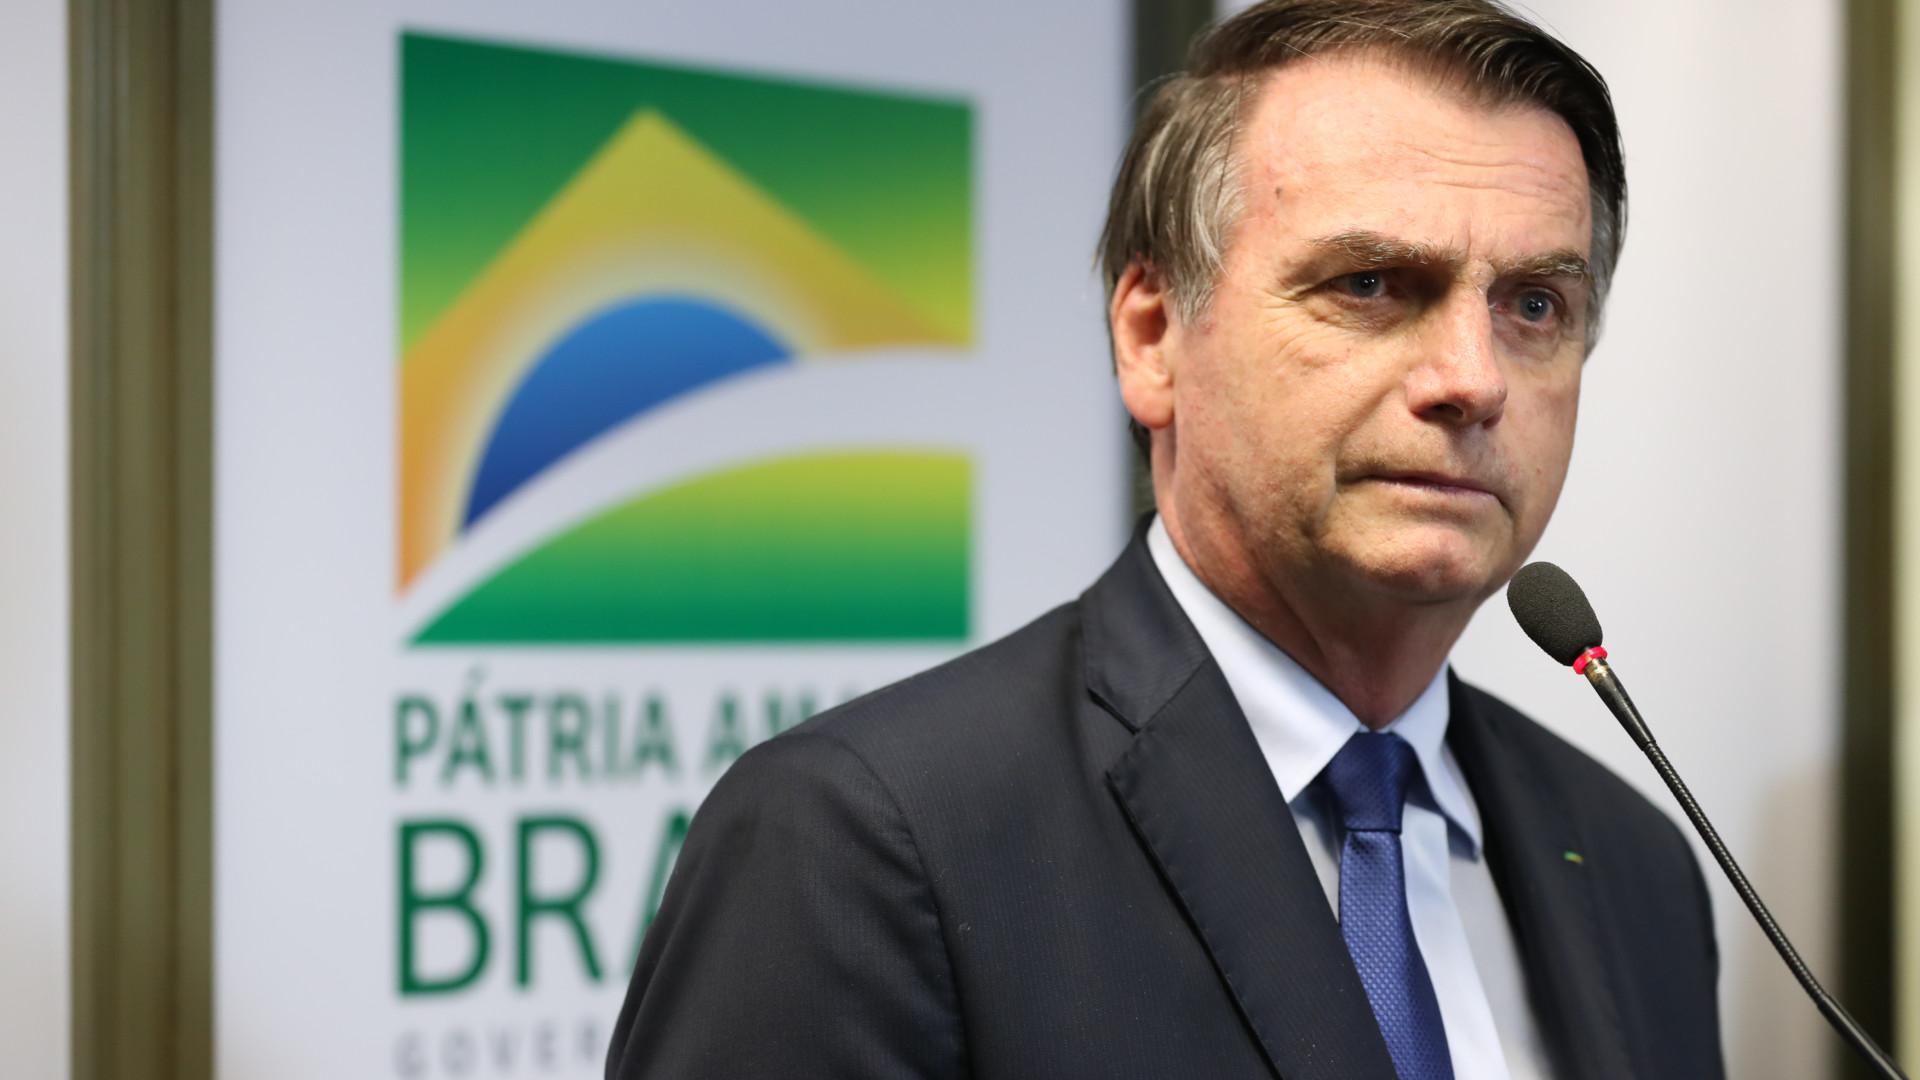 Avaliação negativa do governo Bolsonaro cresce e atinge 27% em abril